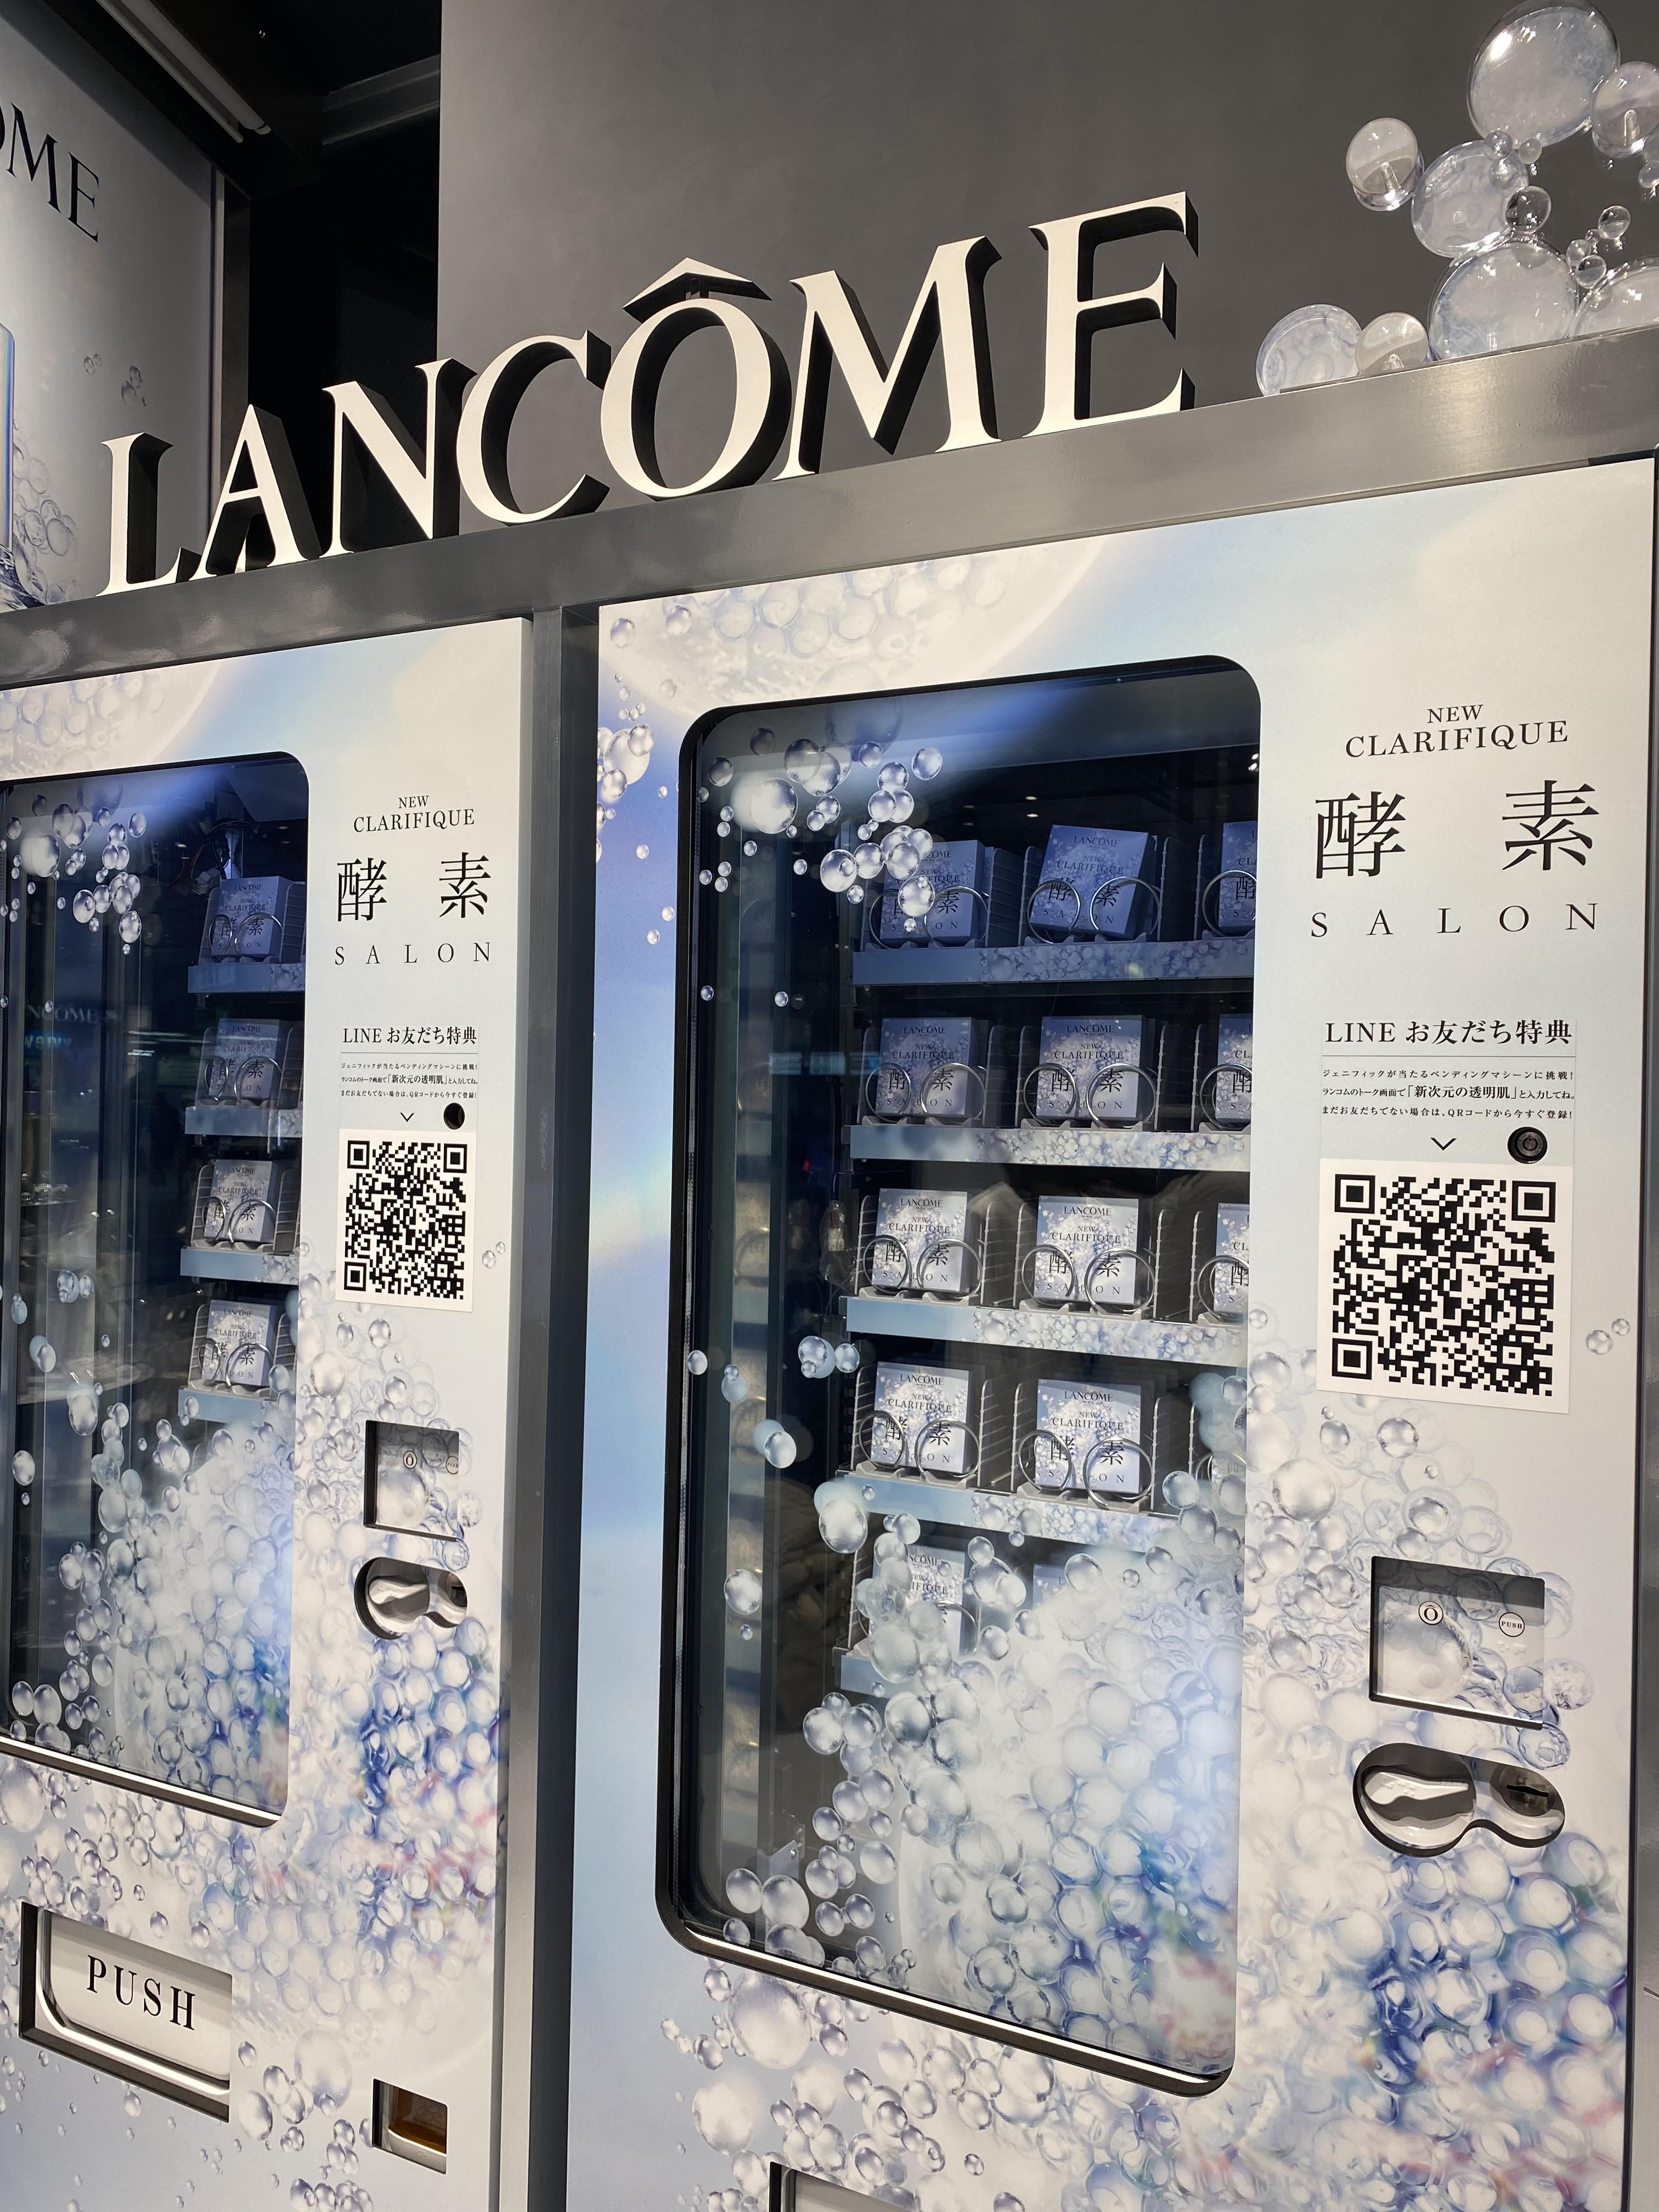 コスメの新名所 @cosme 東京でランコムスキンケアを体感